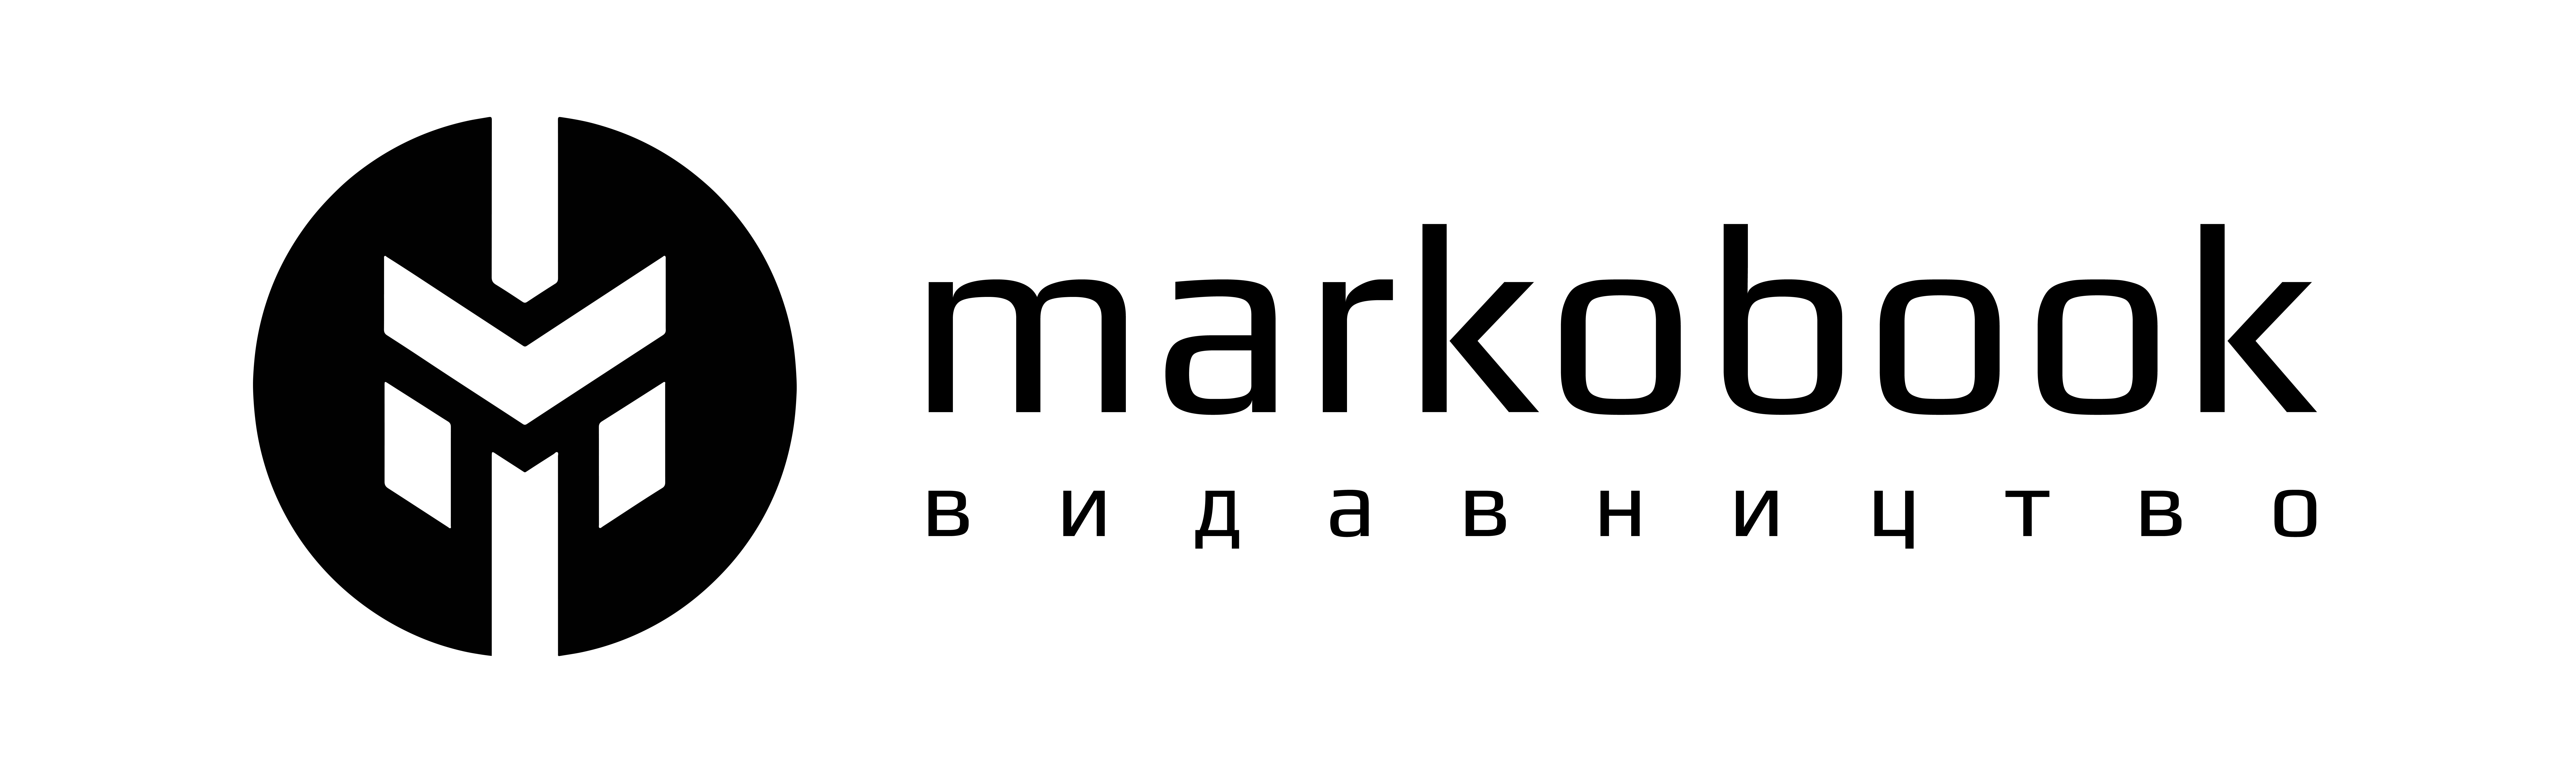 Видавництво Марка Мельника